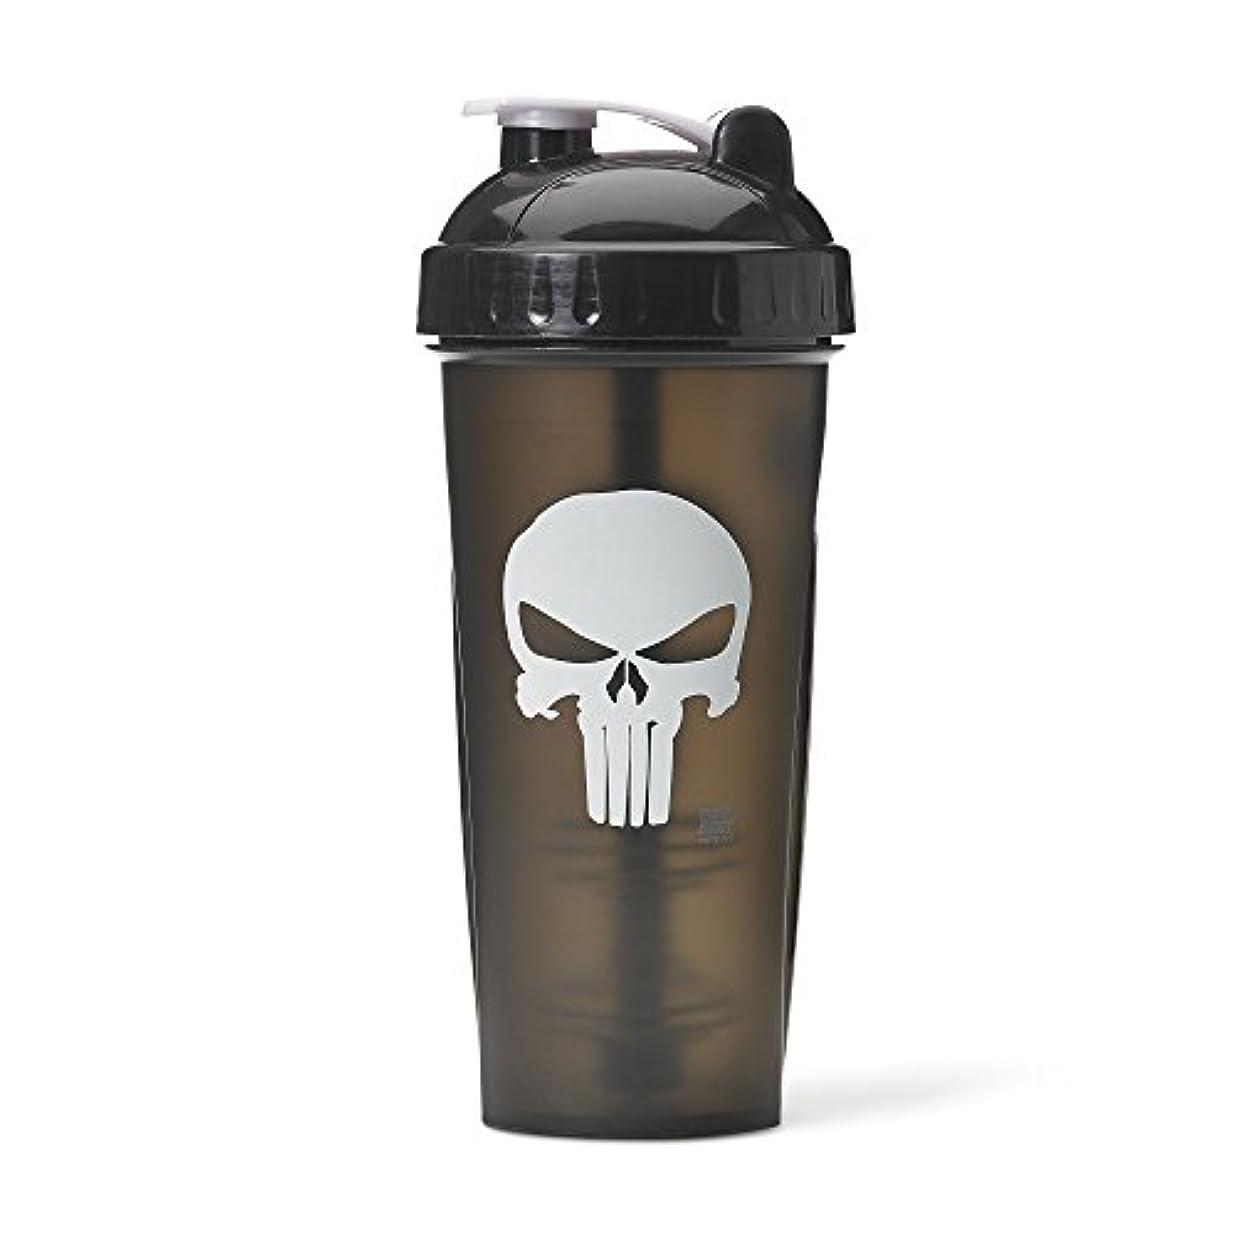 わずらわしい華氏剛性Performa Marvel Shaker - Original Series, Leak Free Protein Shaker Bottle with Actionrod Mixing Technology for...